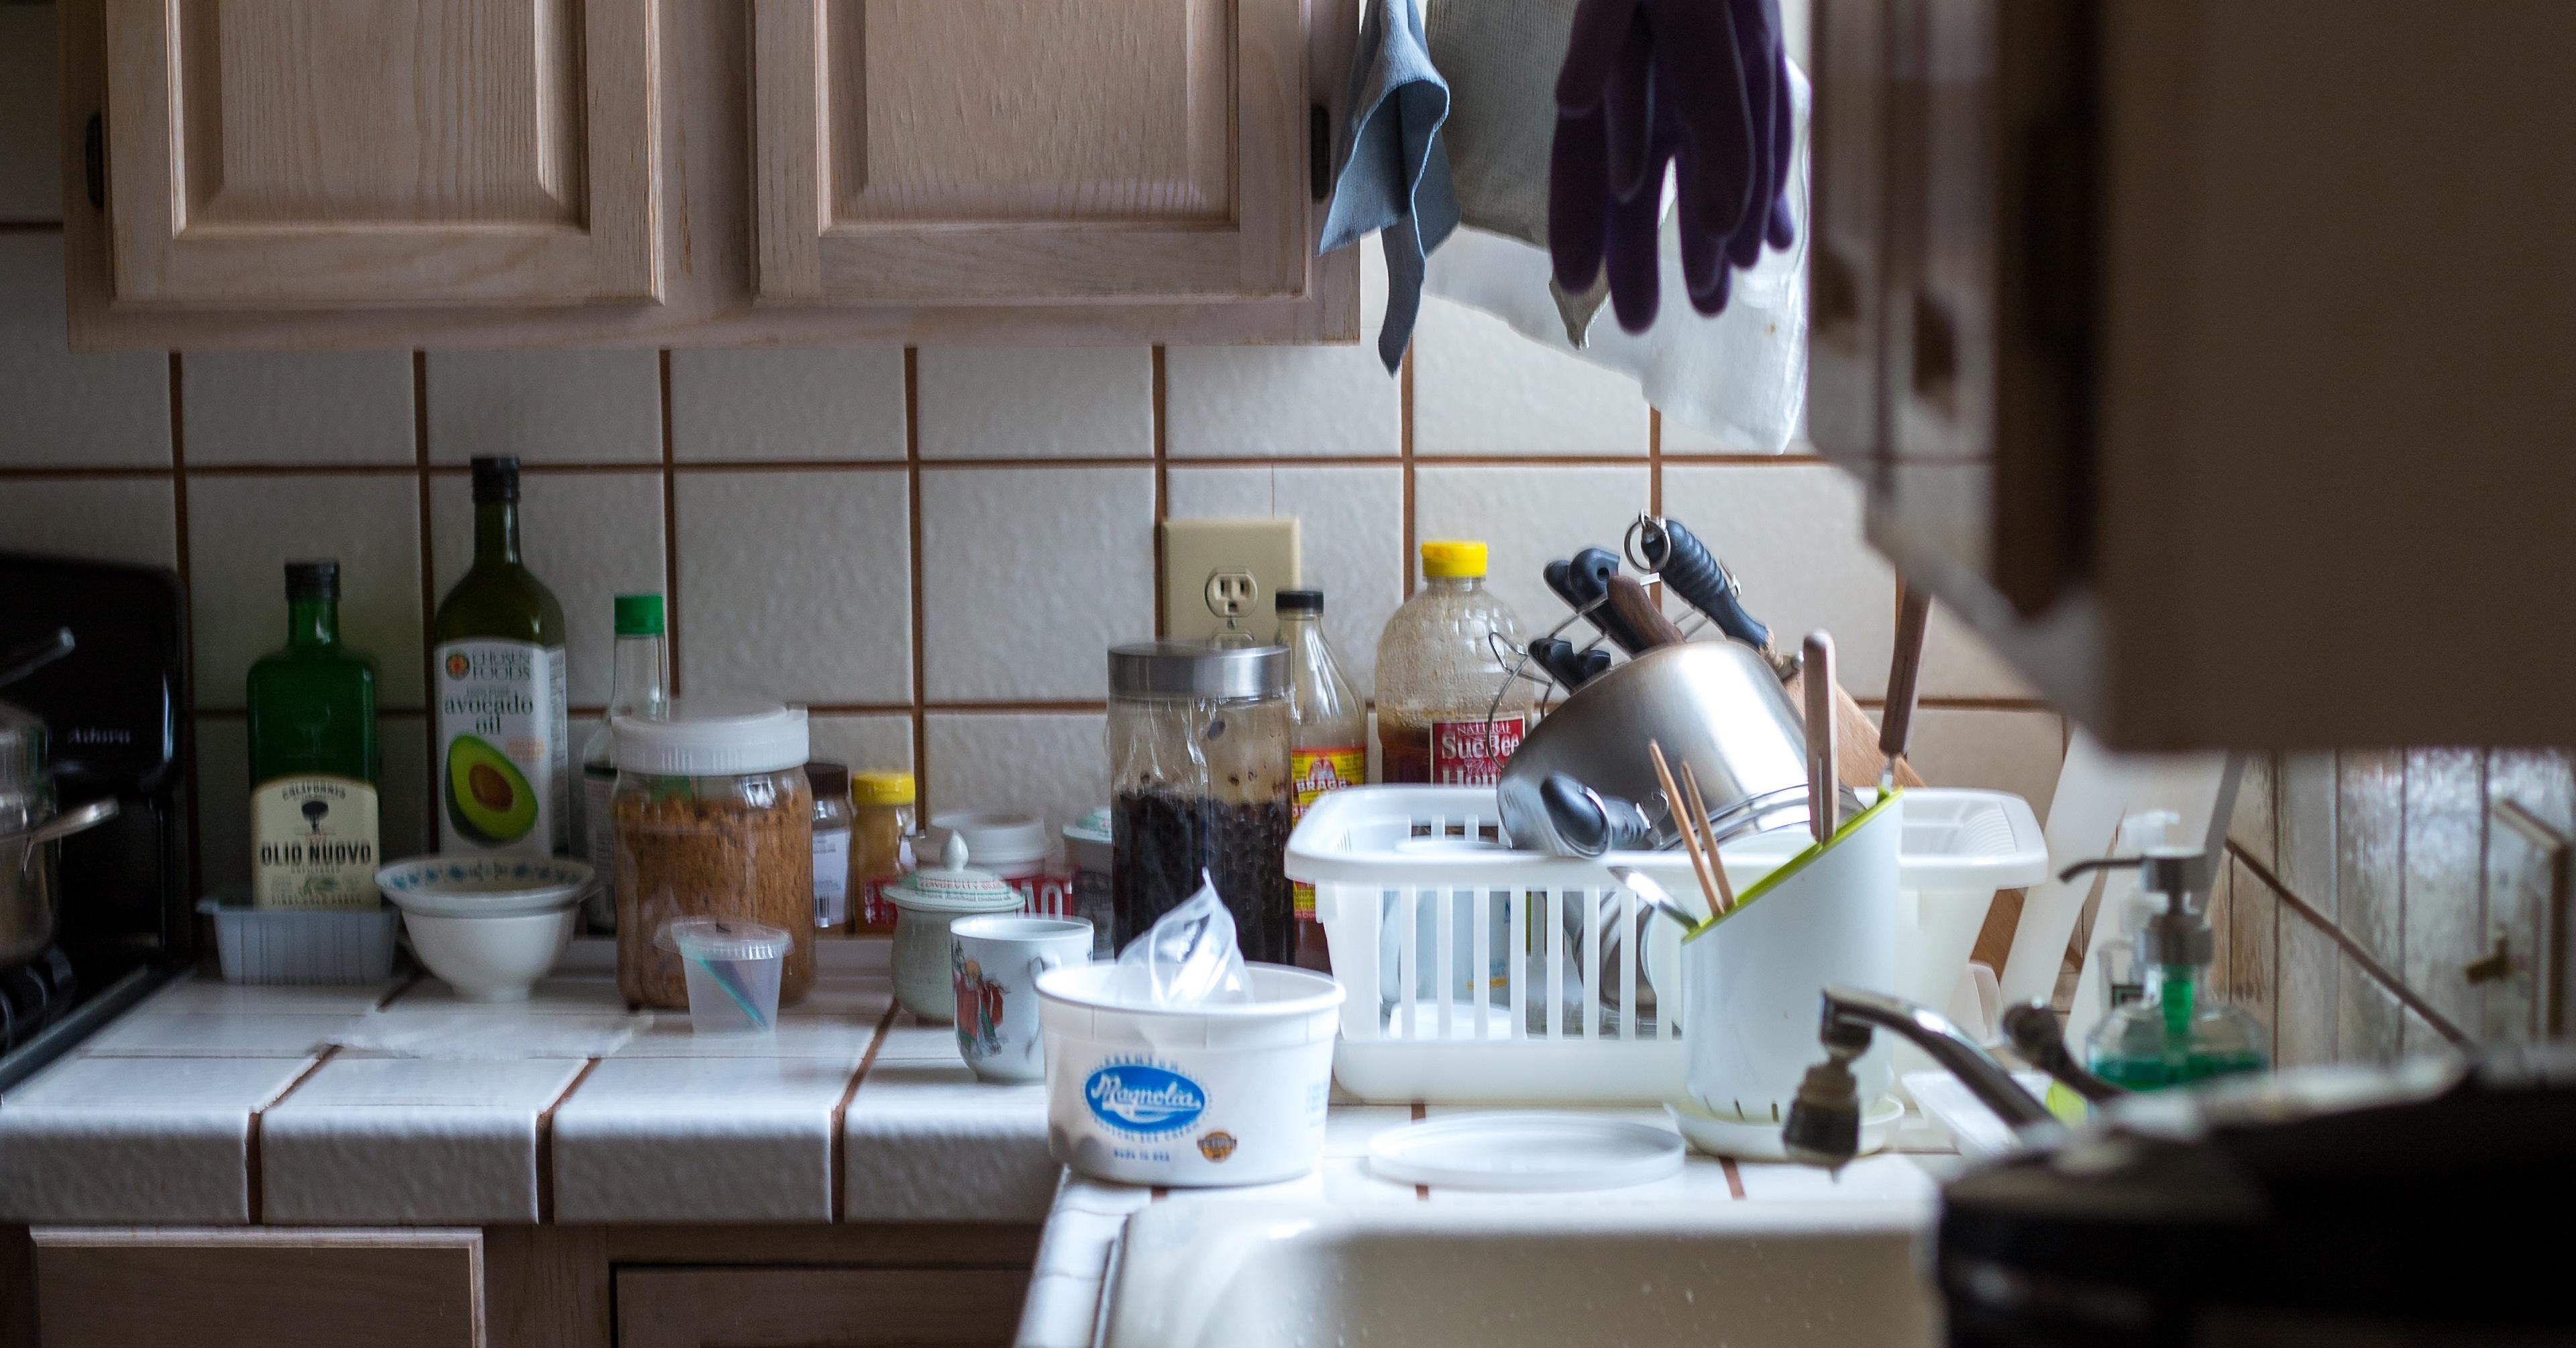 kitchen_clutter